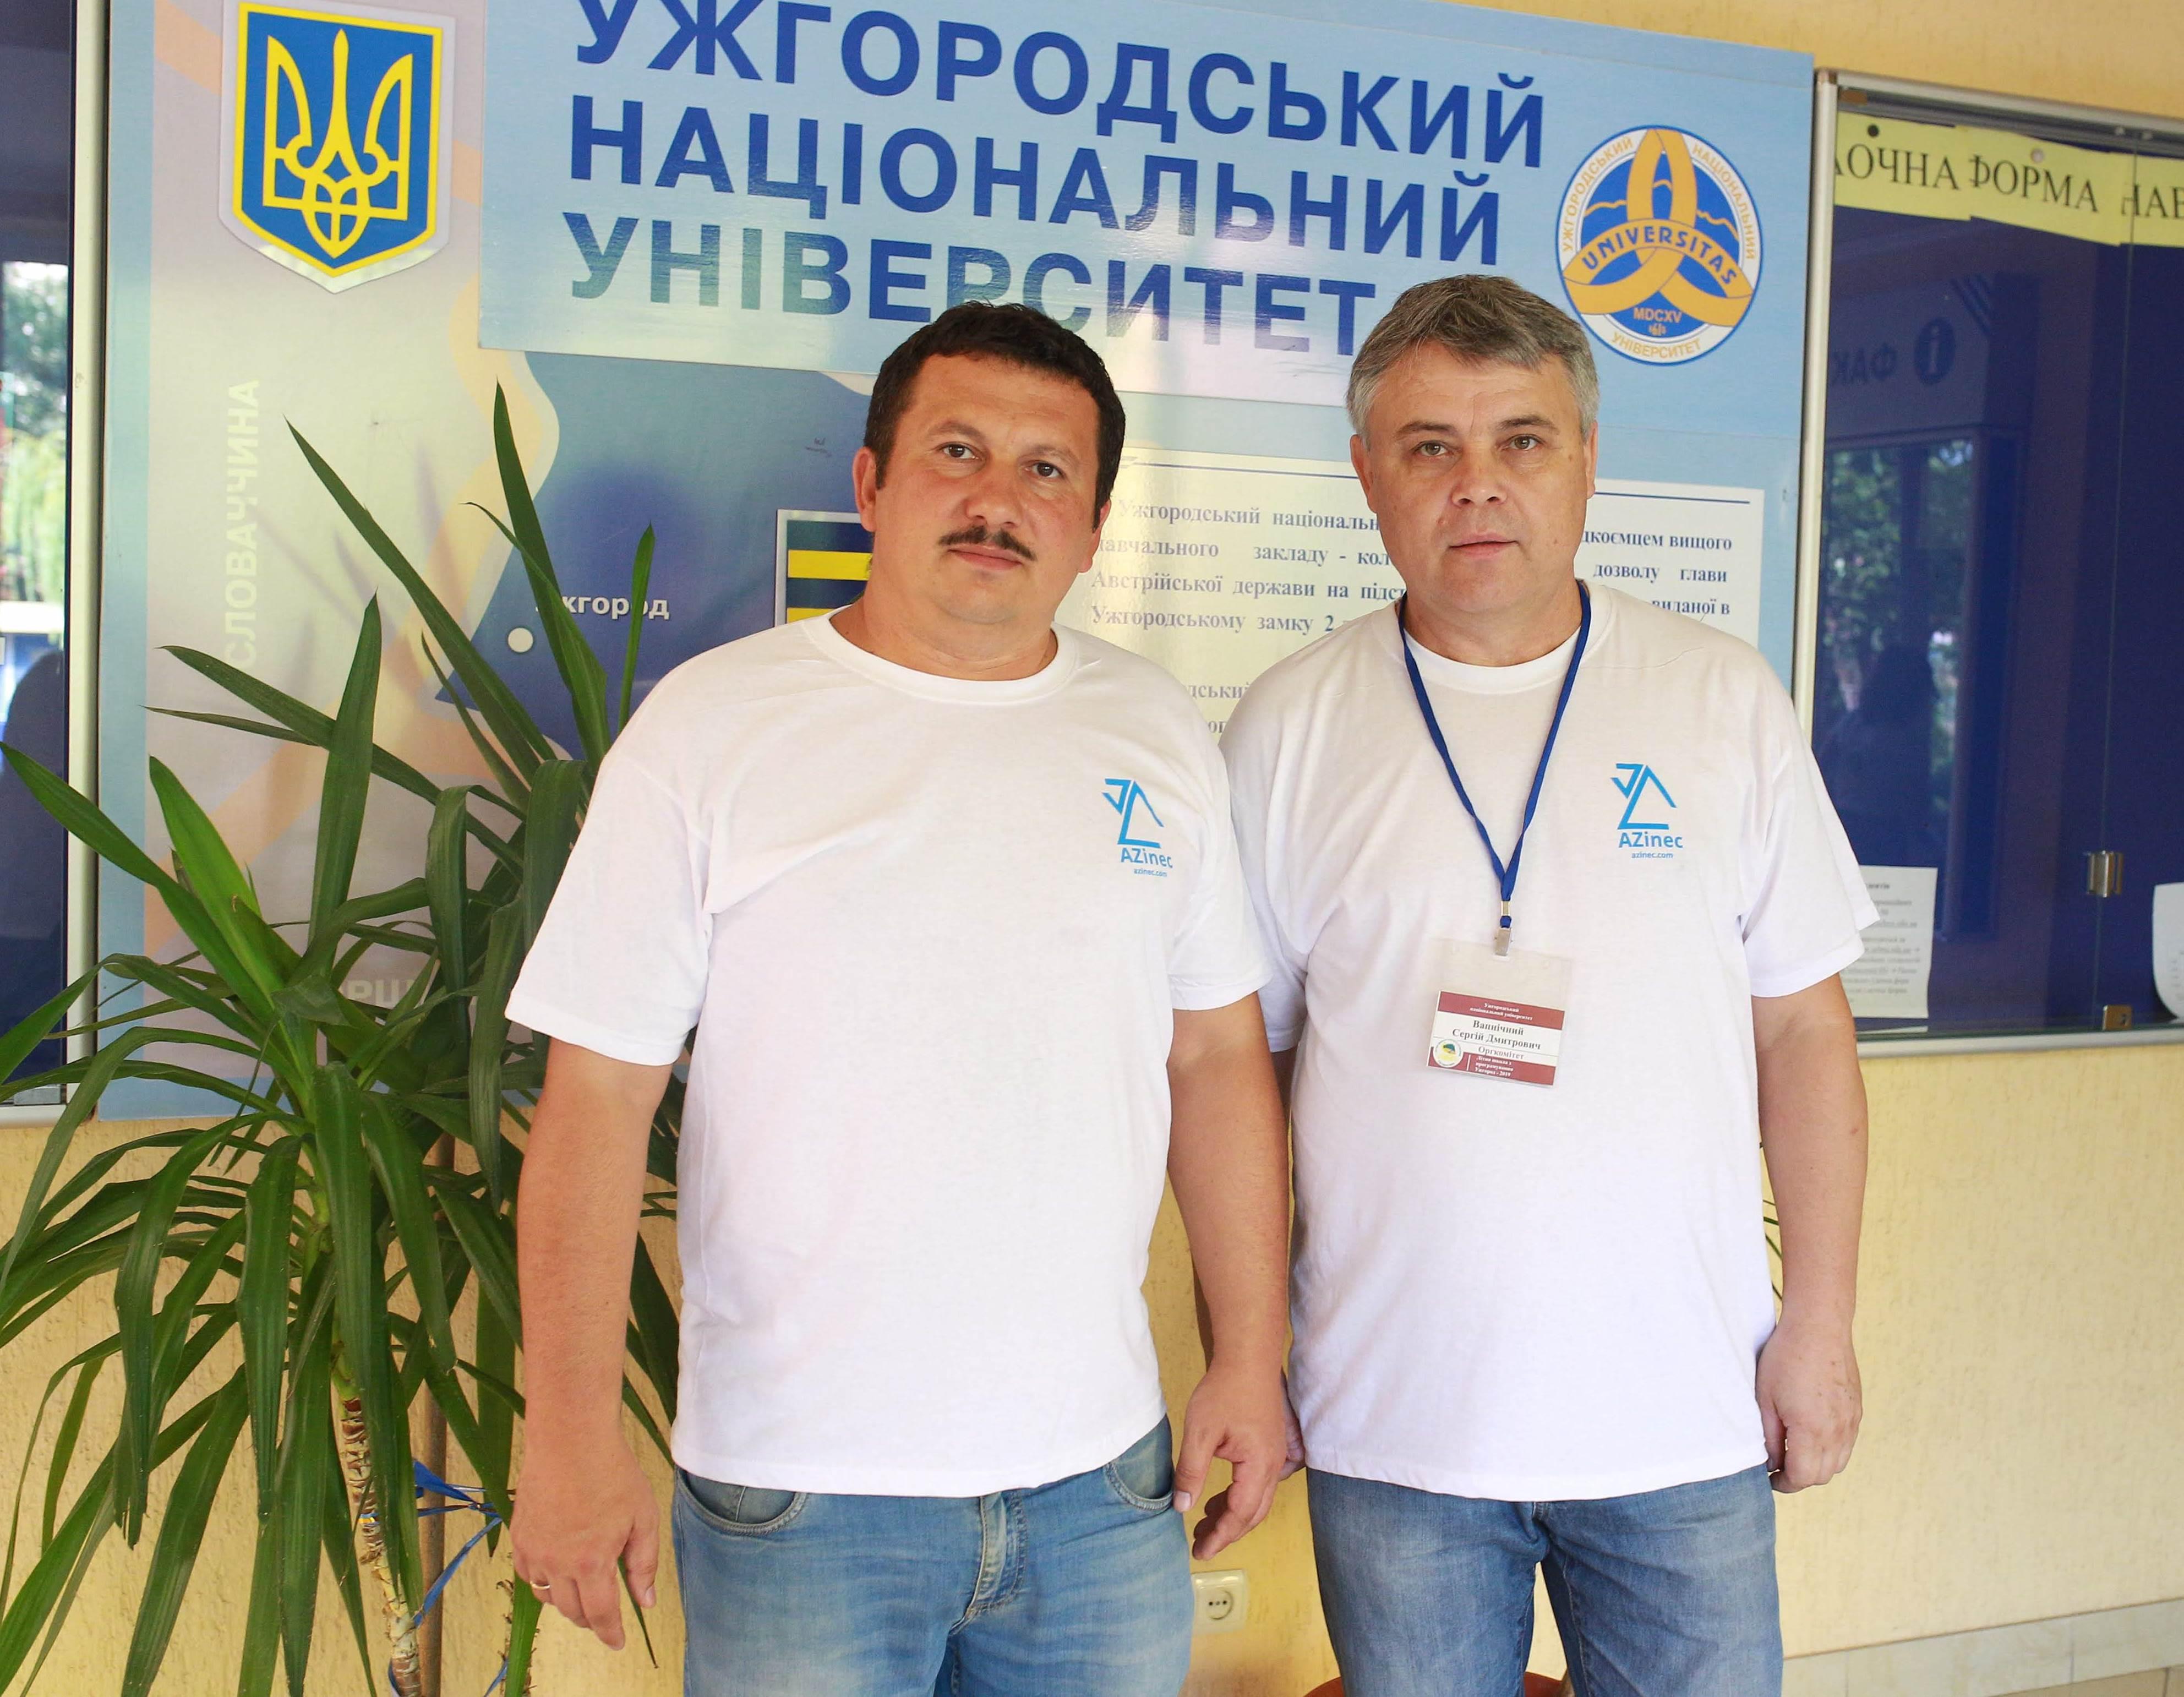 Тренери студентських команд - Олександр Міца та Сергій Вапнічний